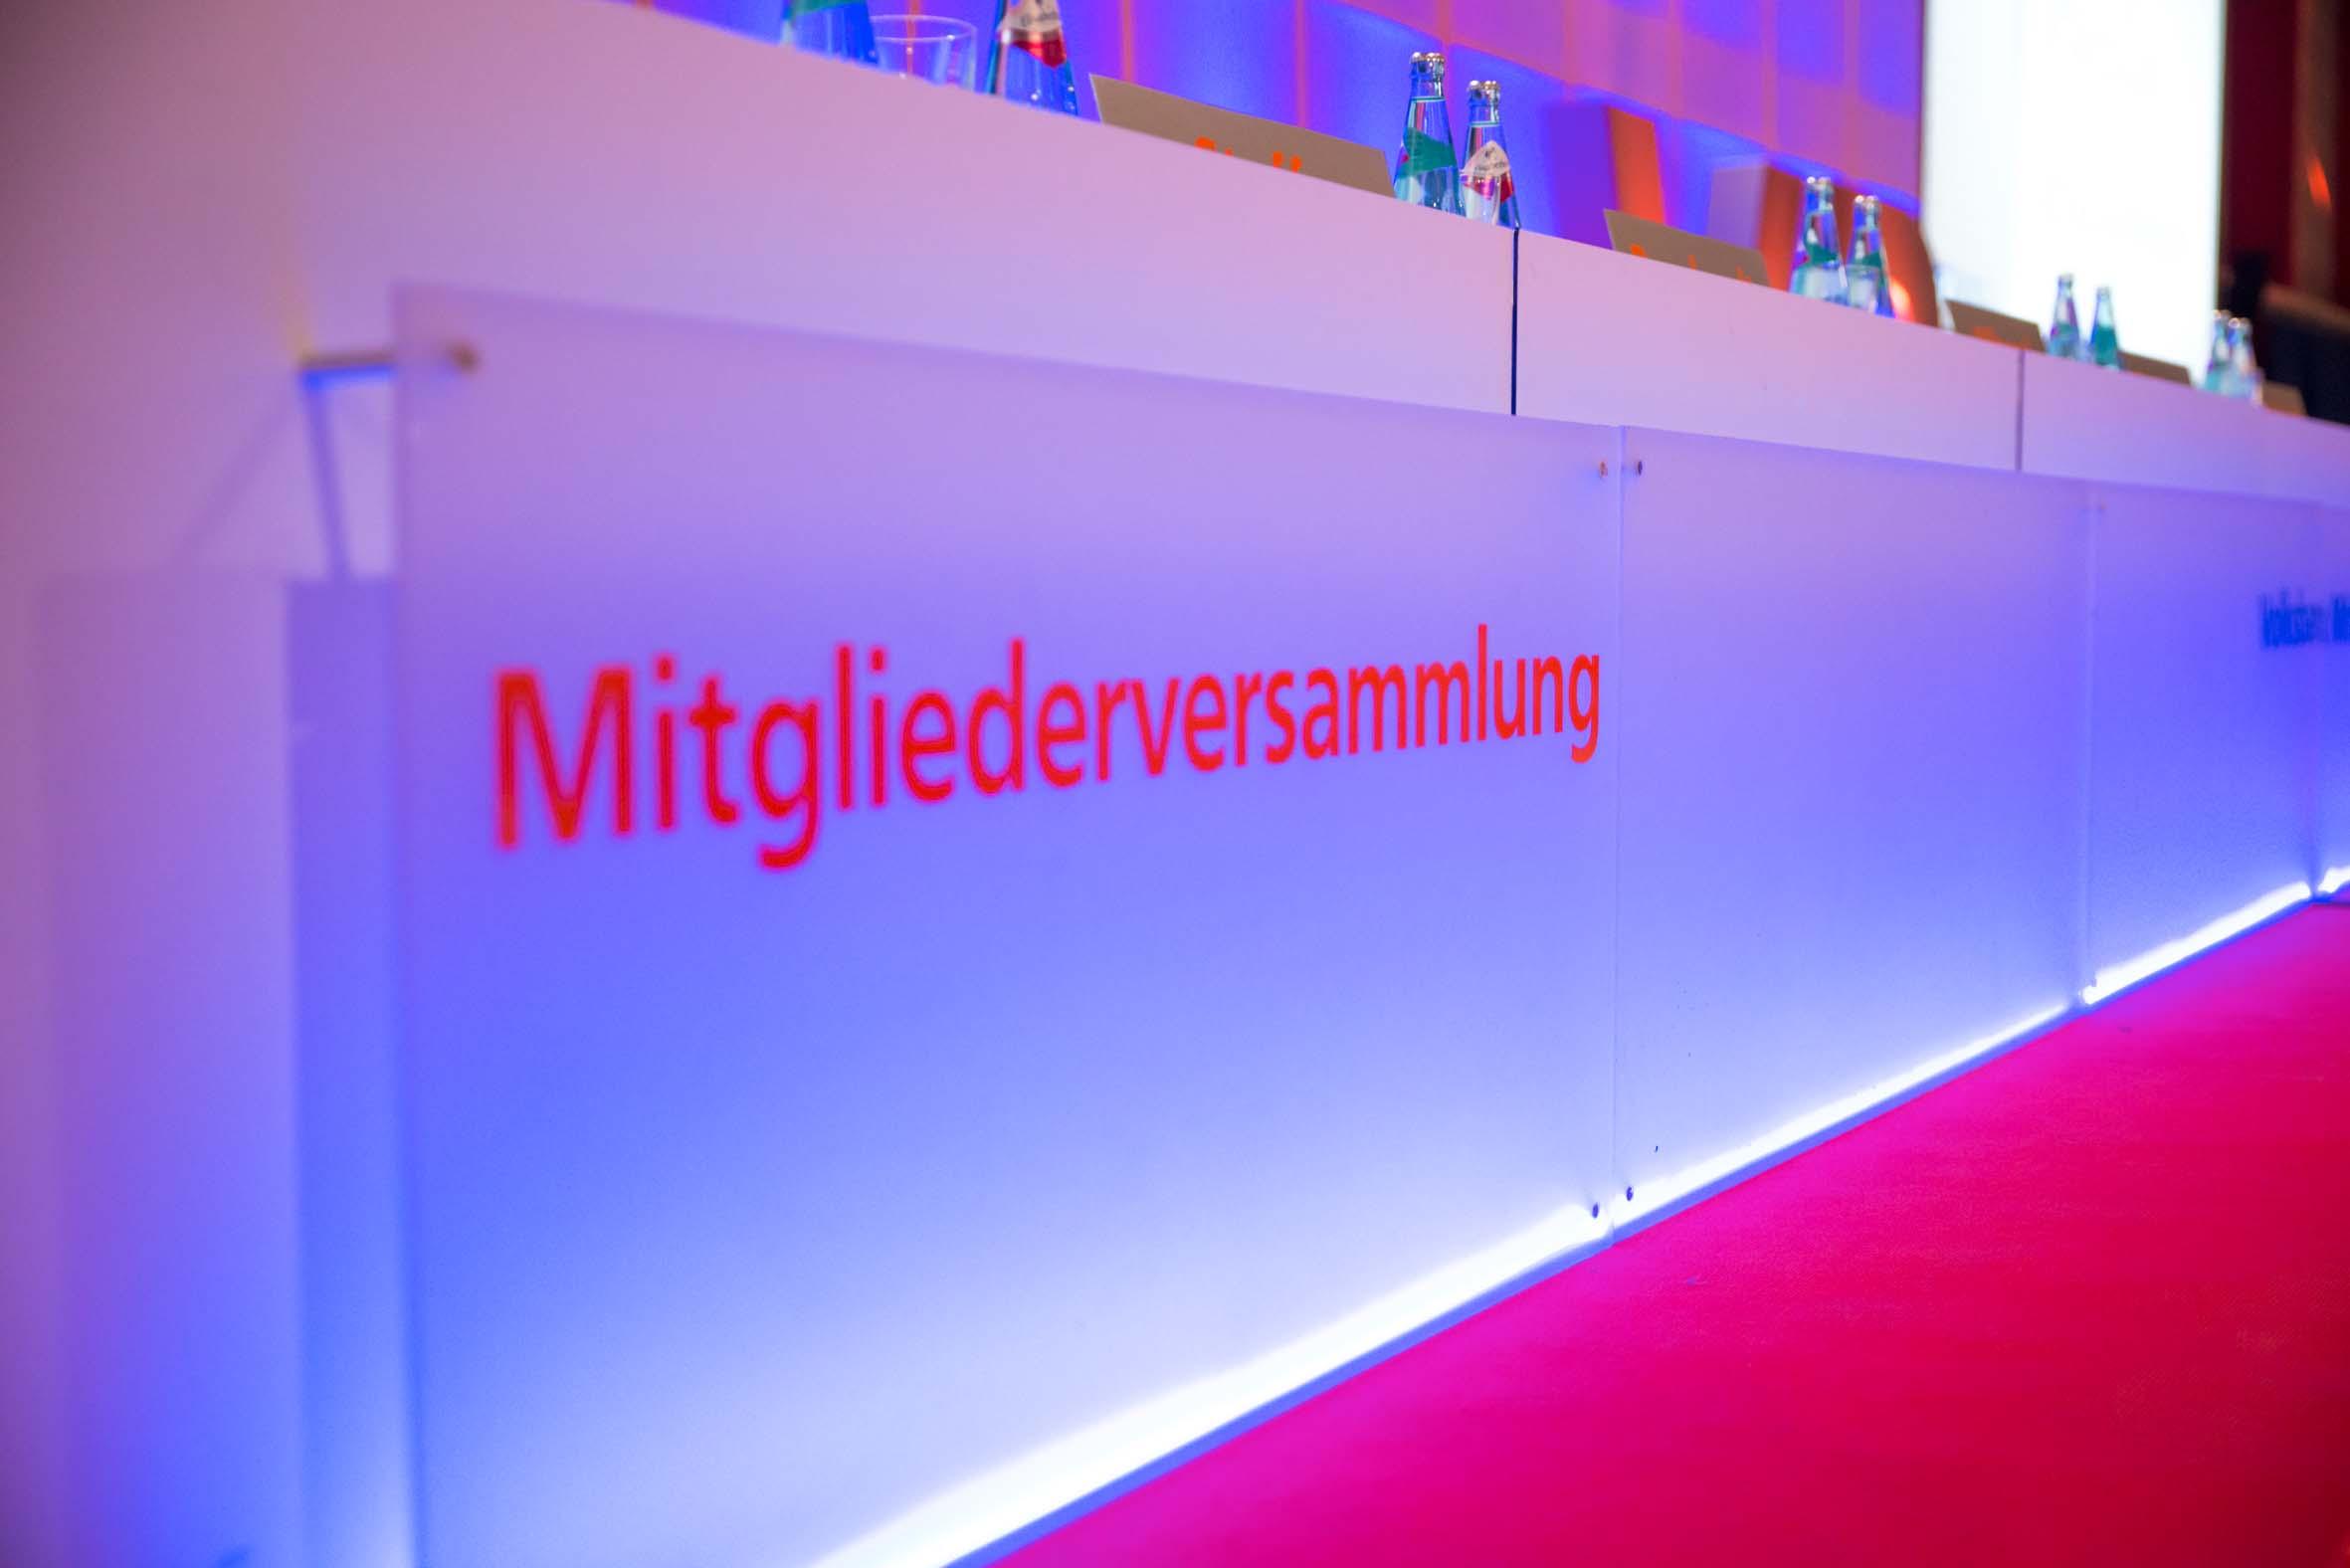 Bildergalerie Mitgliederversammlung 2015 in Gießen, Bild 1